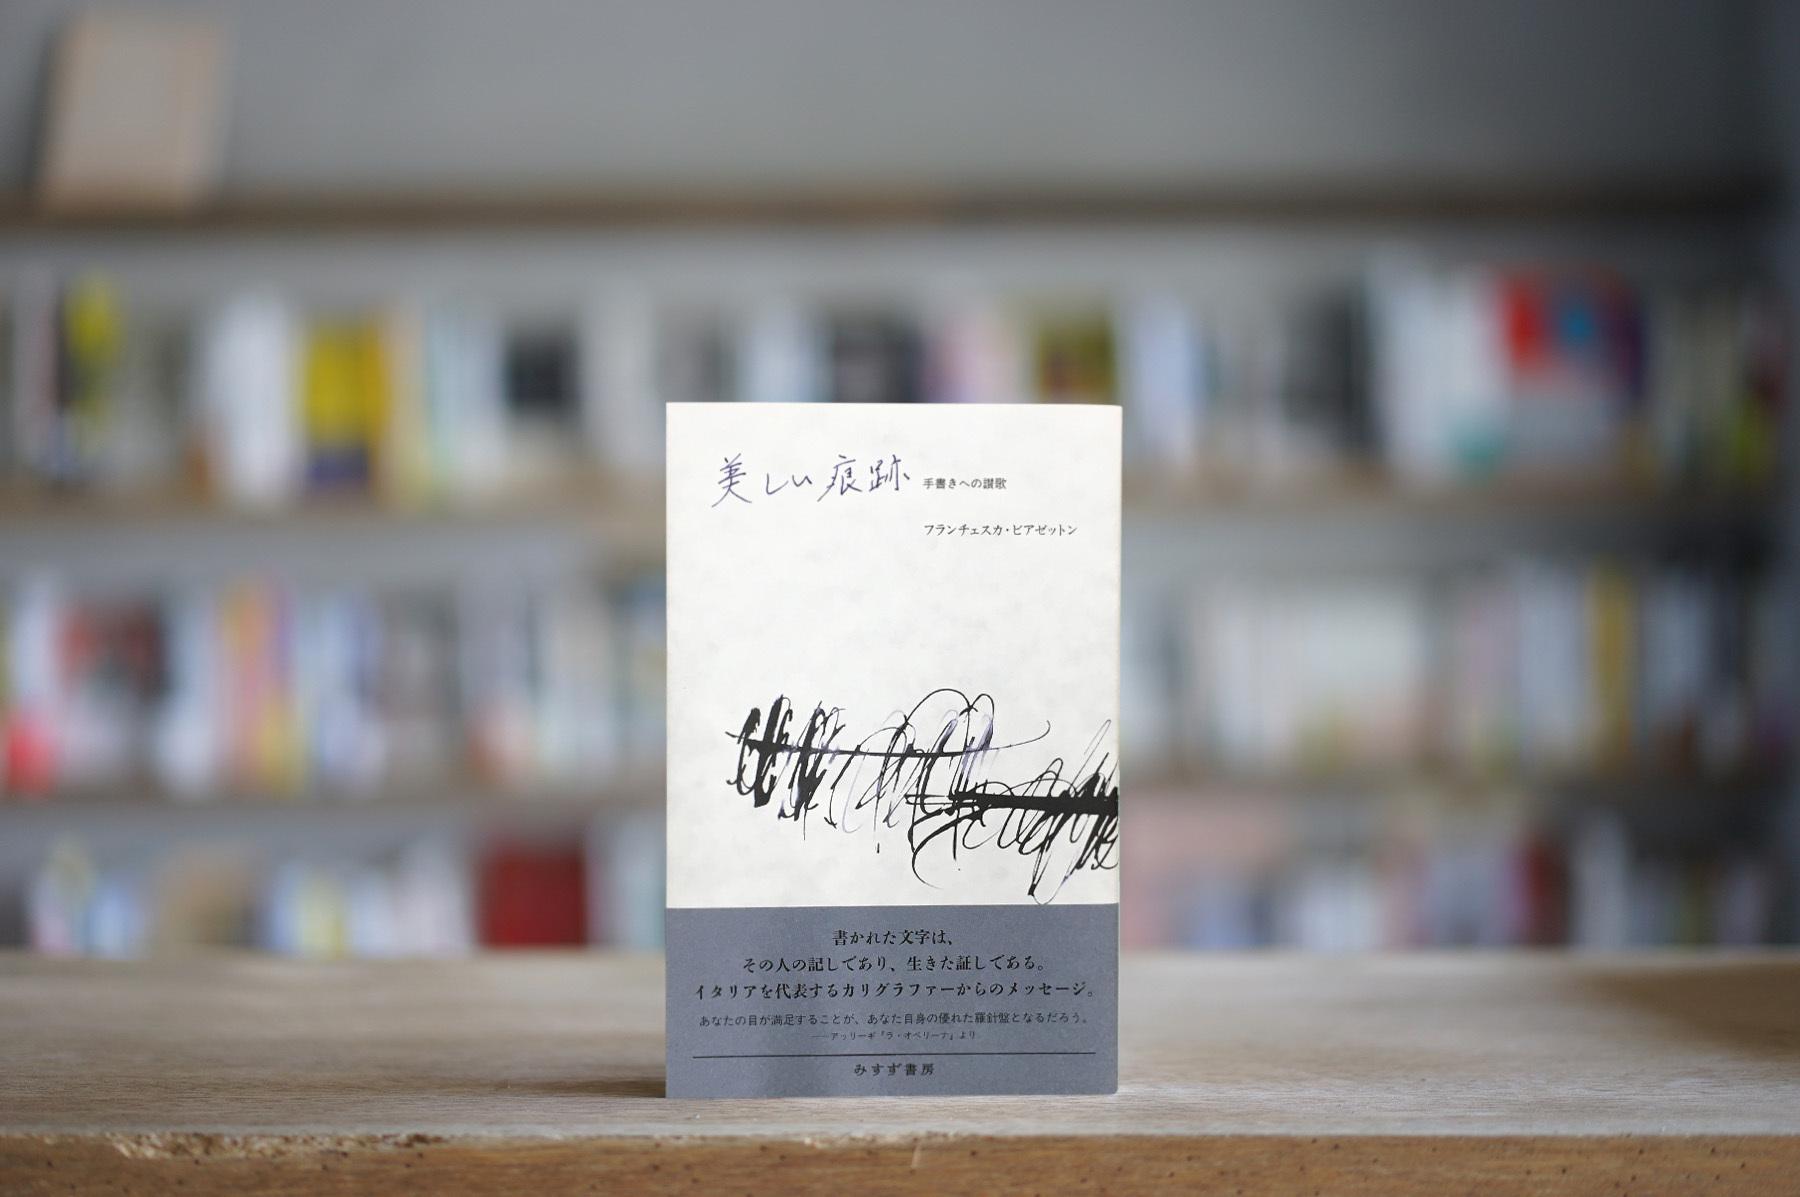 フランチェスカ・ビアゼットン 訳:萱野有美 『美しい痕跡 手書きへの讃歌』 (みすず書房、2020)